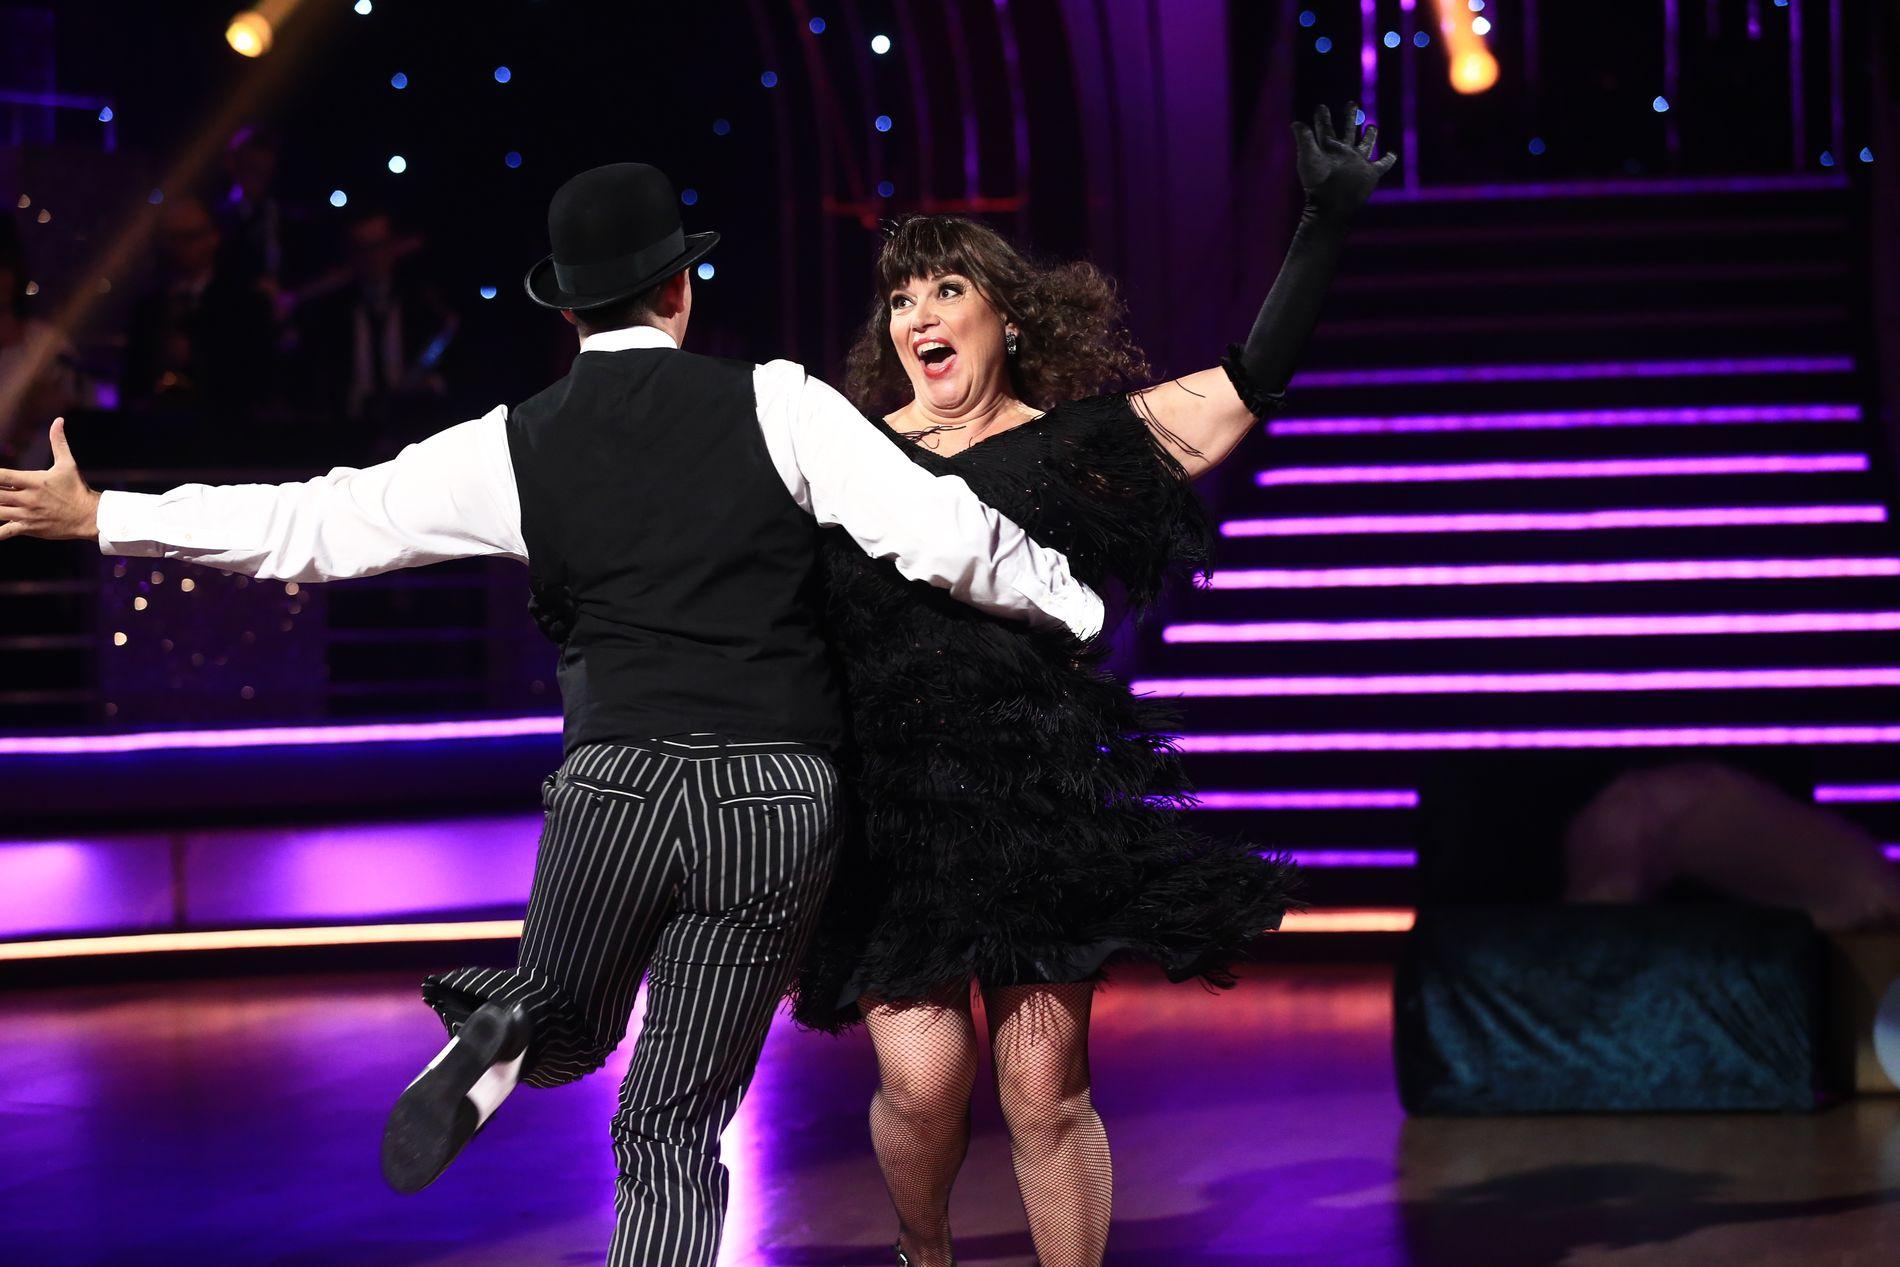 UTE AV DANSEN: Jenny Jenssen danset for siste gang i kveld